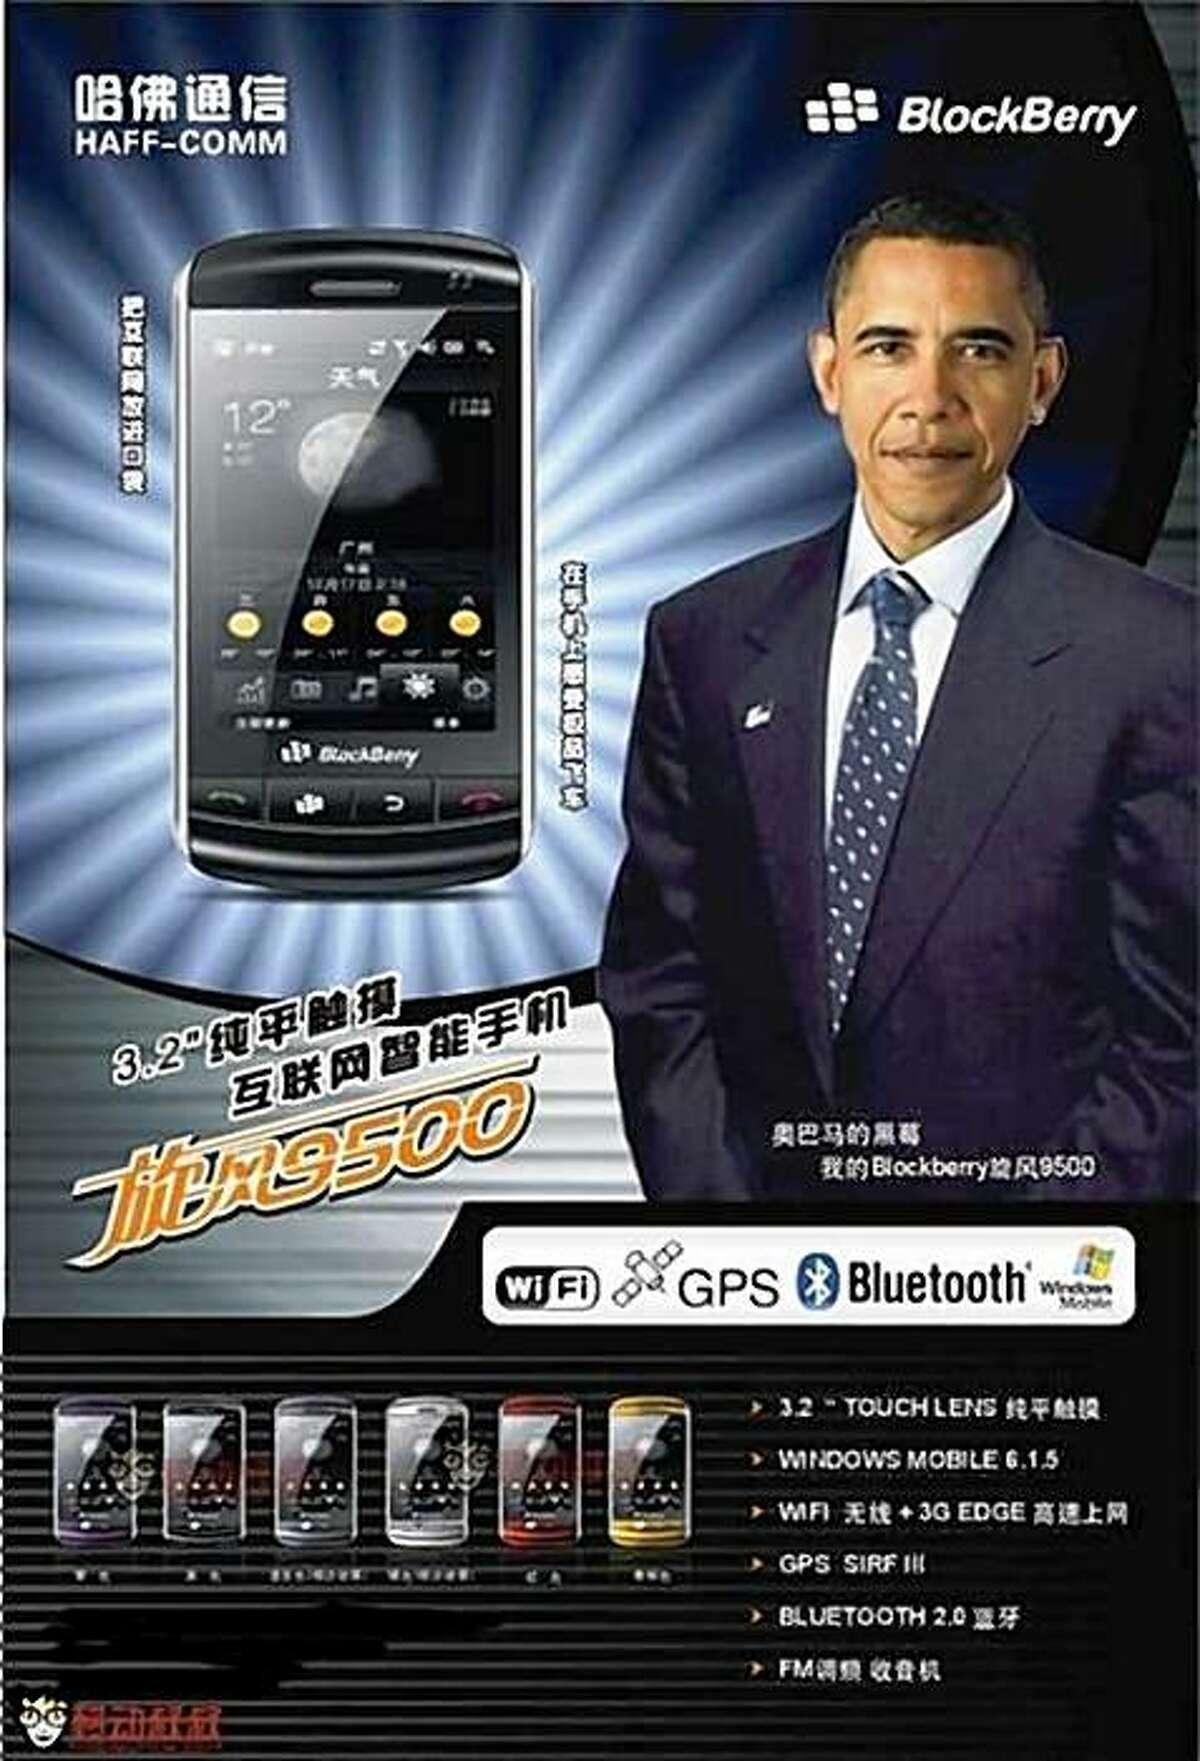 Barack Obama endorses the Blockberry? Who knew?